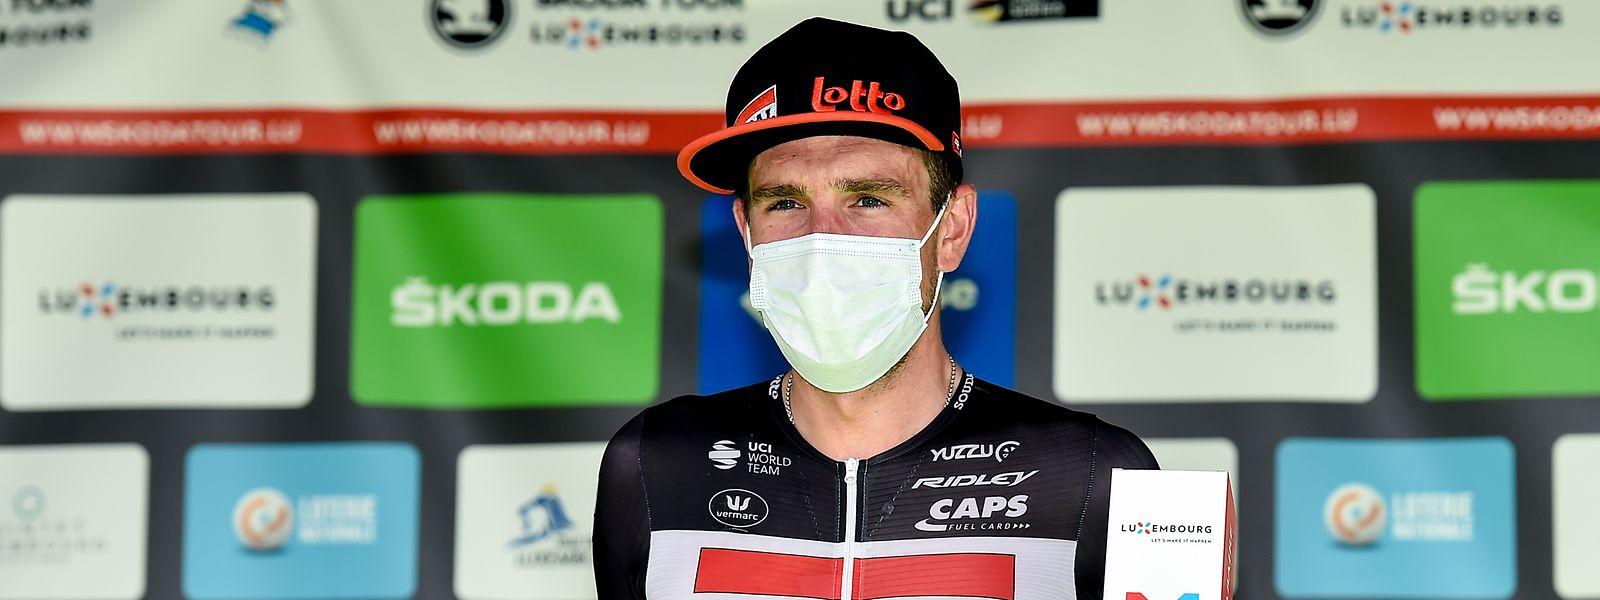 O alemão John Degenkolb venceu a terceira etapa da Skoda Tour.